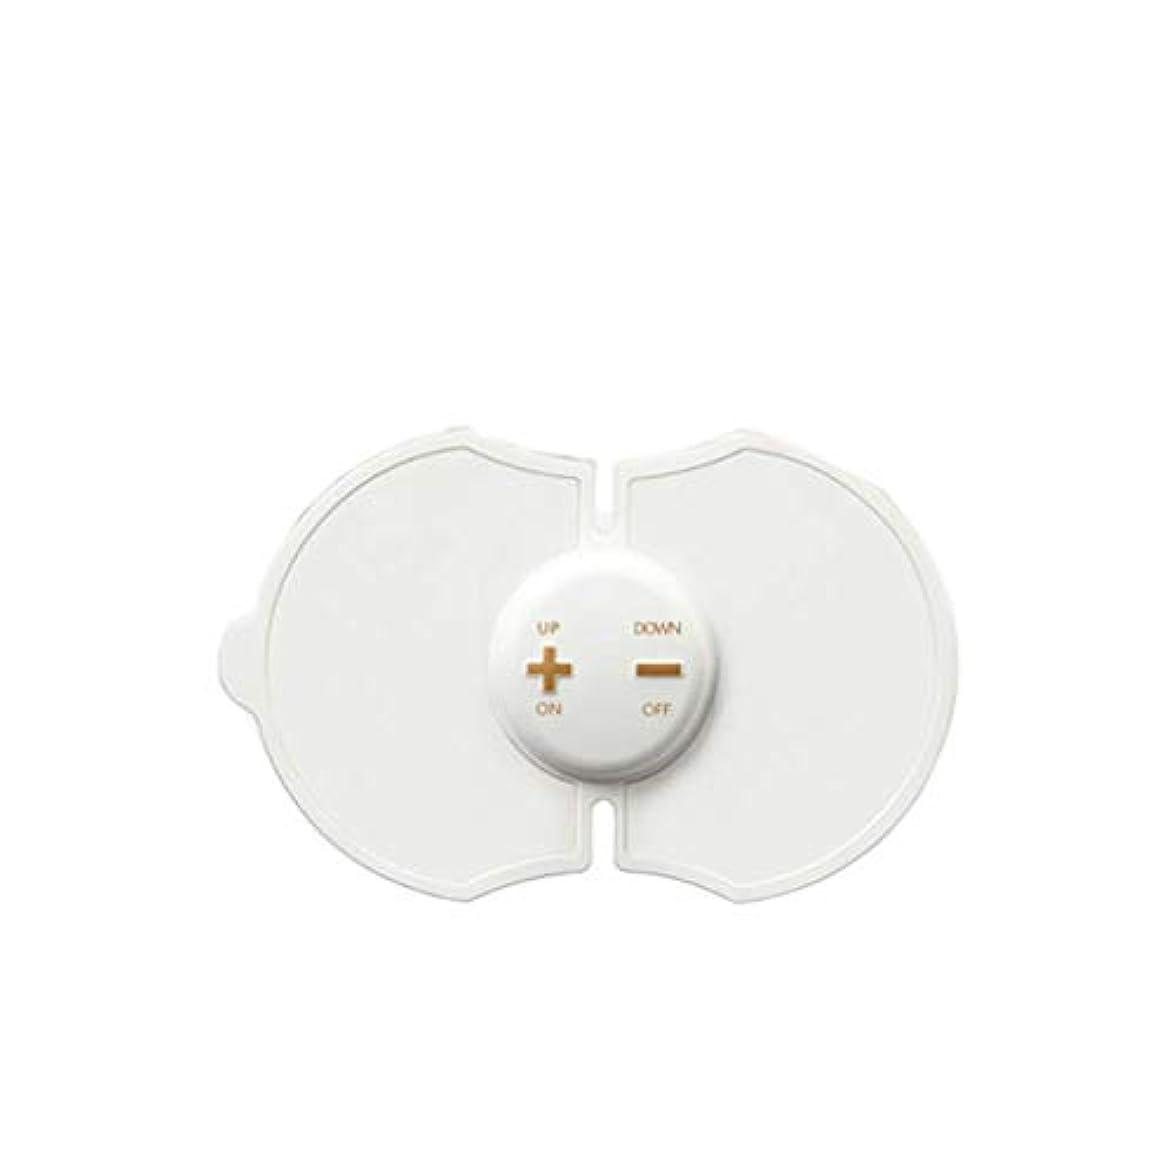 マッサージャー、ポータブルミニネック|ショルダーマッサージャー、USB充電式電動ディープマッサージツール、マッスルリラクゼーションにより、ホームオフィスの痛みを軽減